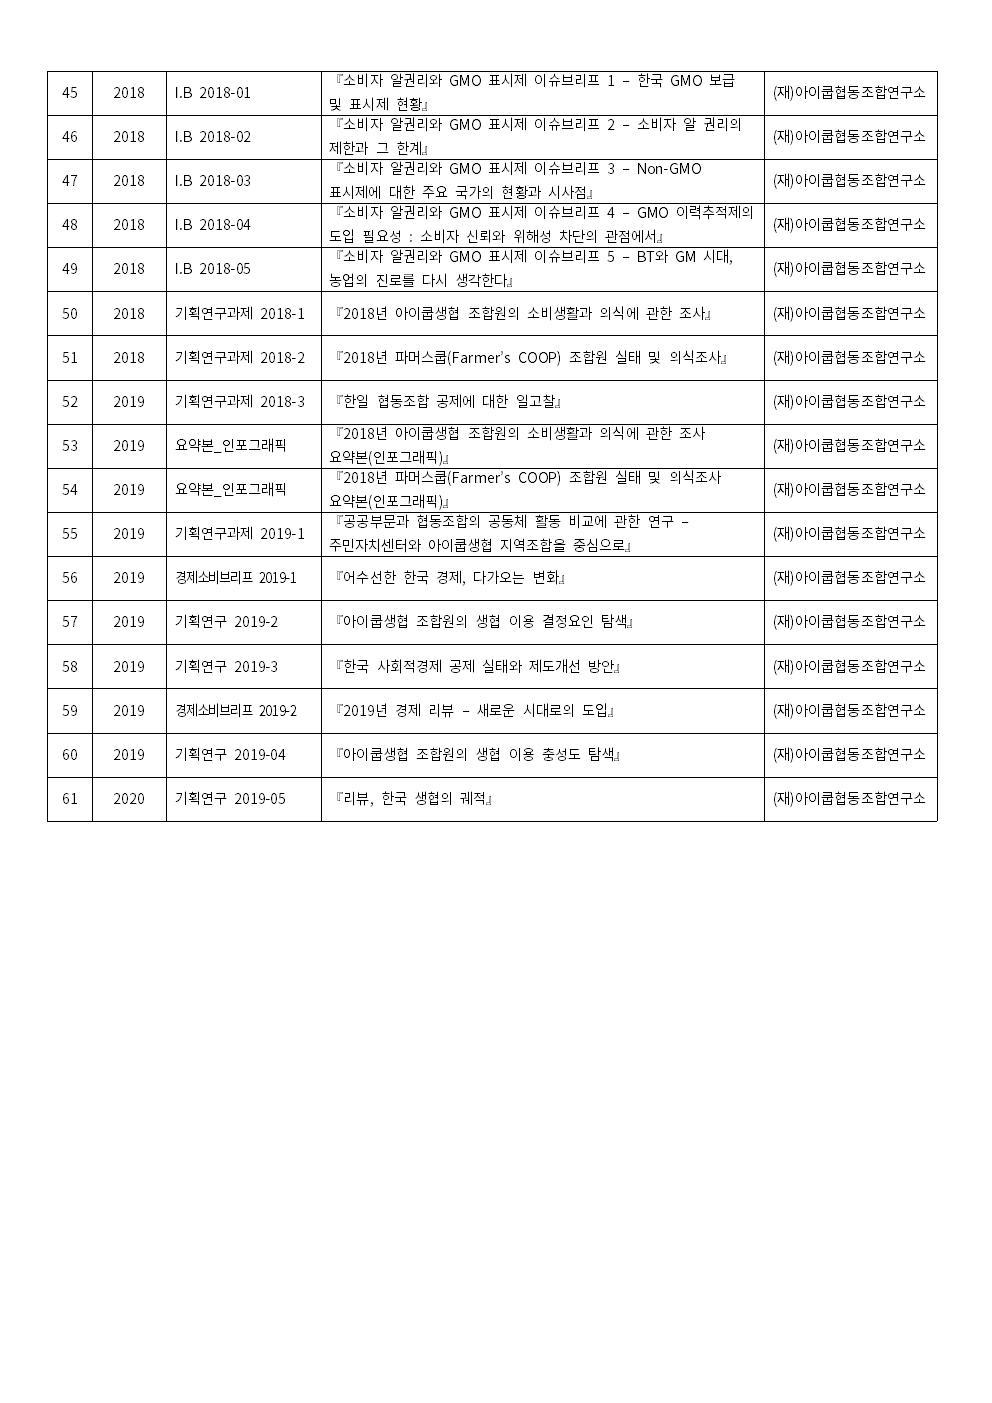 03.200131_연구소 발행 목록006